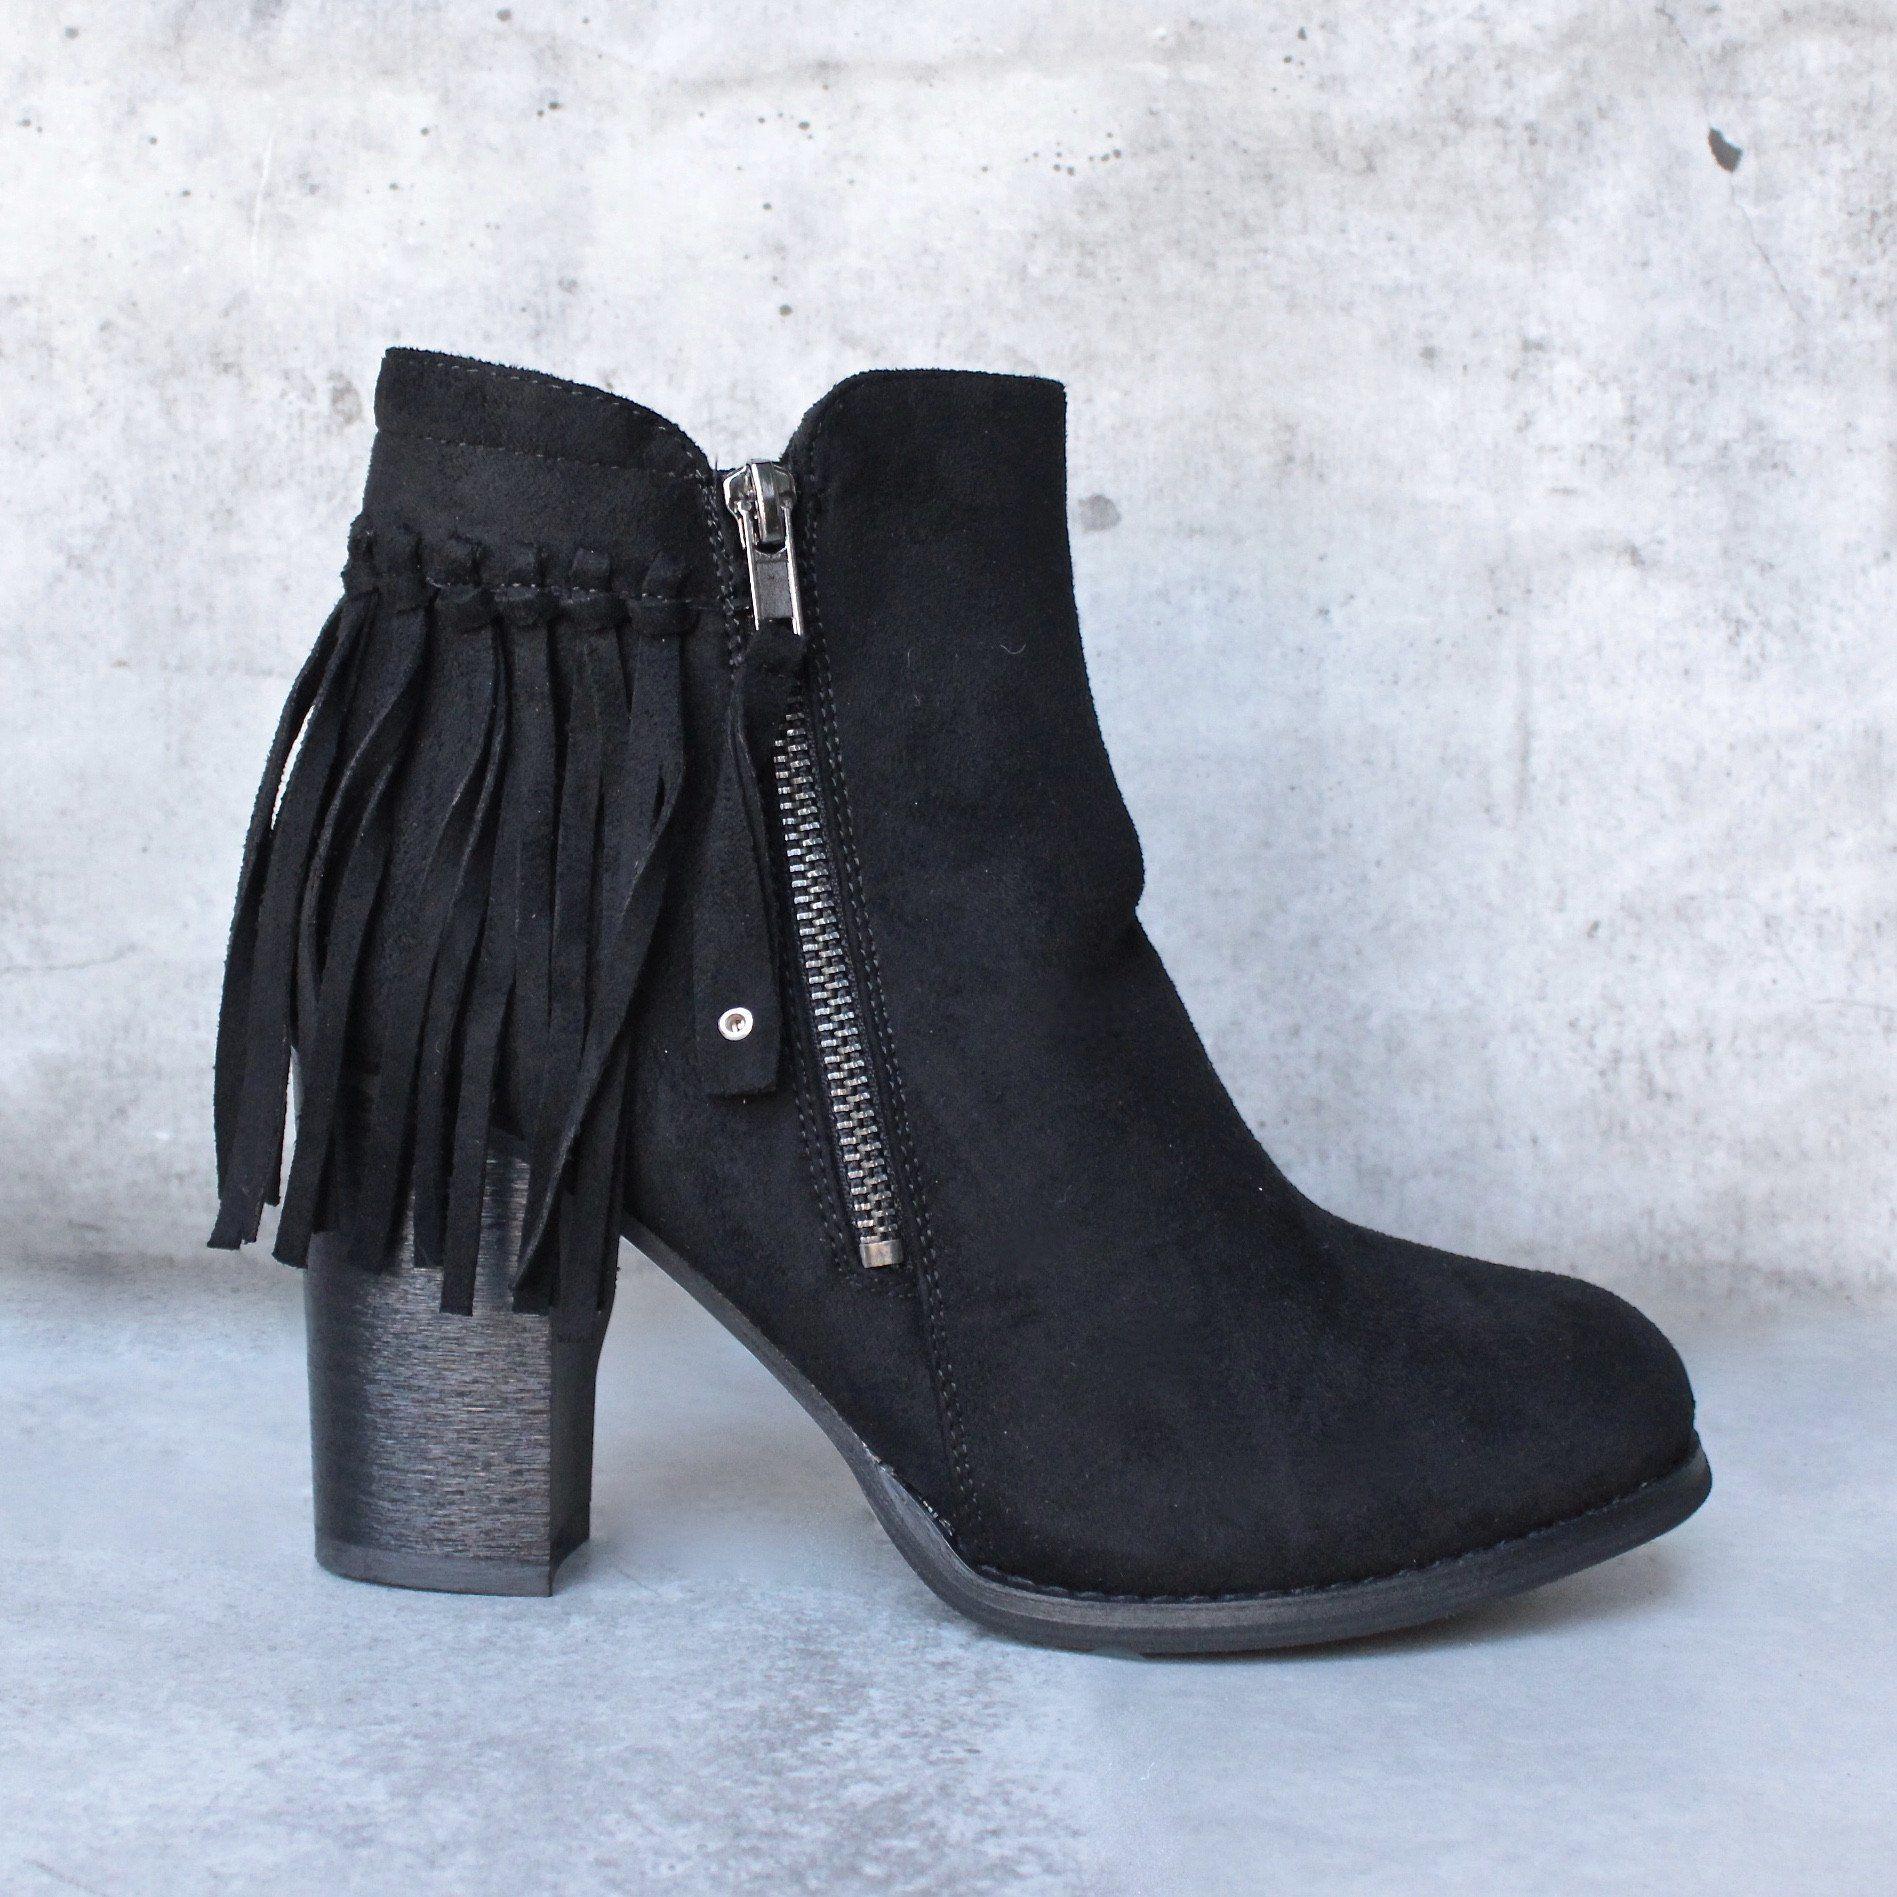 84c22a80048 city chic fringe vegan suede ankle boot - black – shophearts